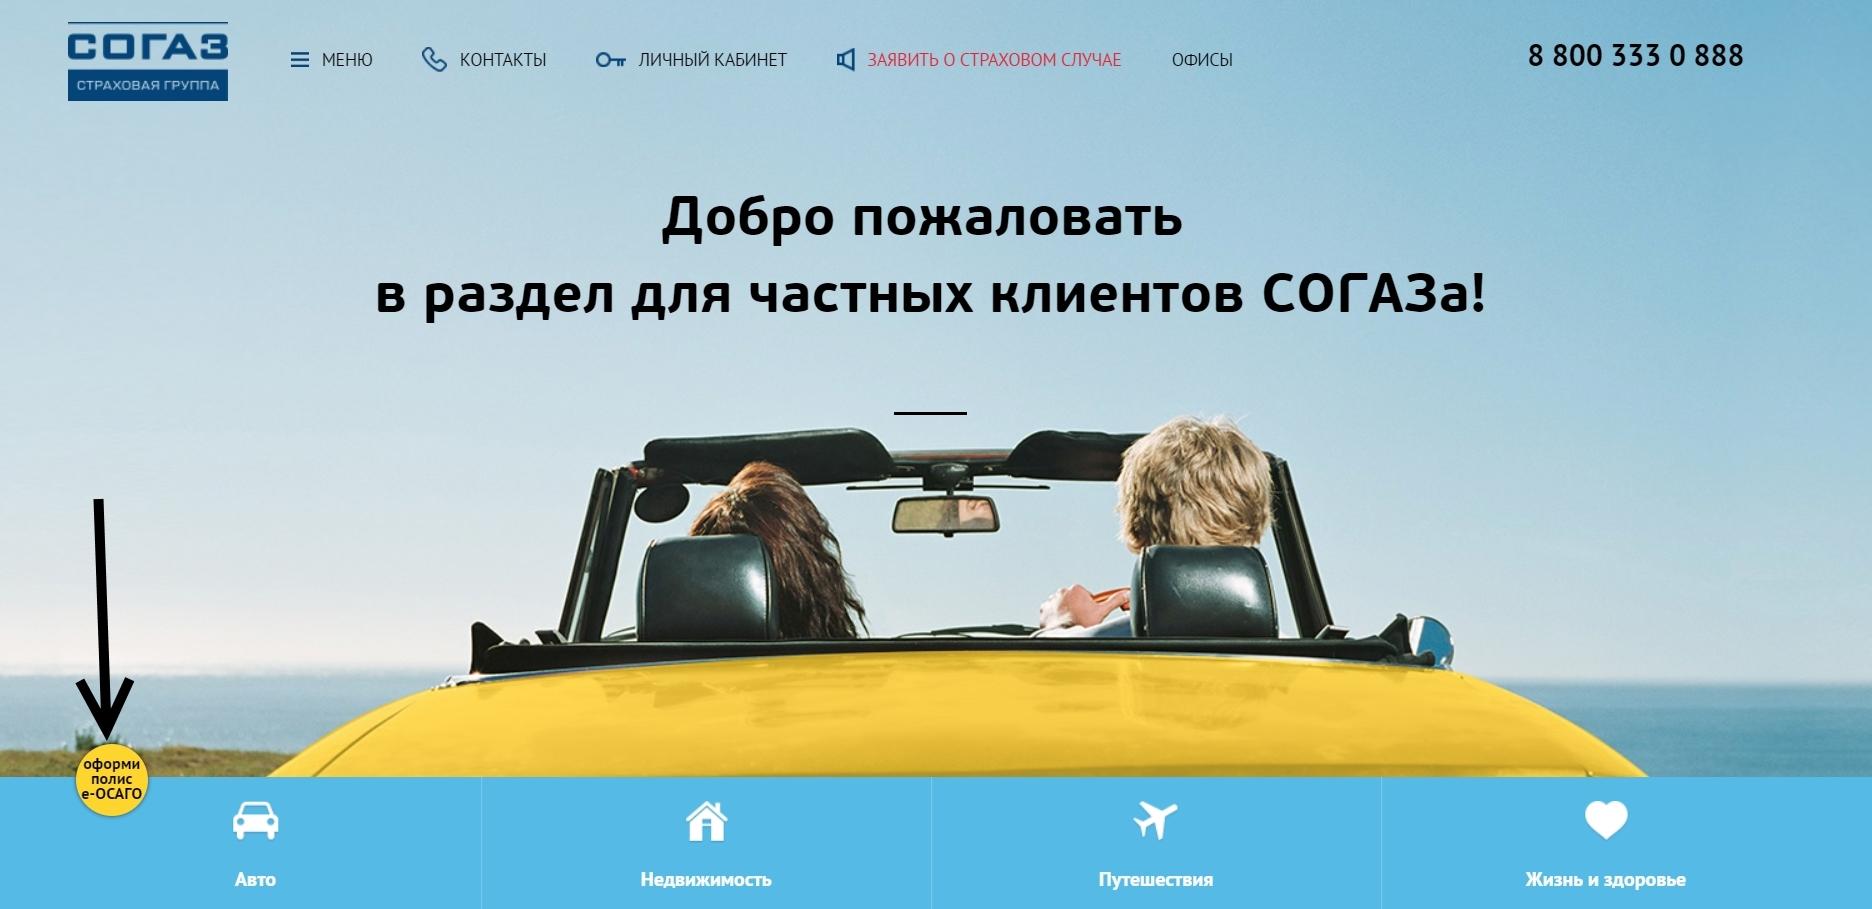 Главная страница сайта СОГАЗ